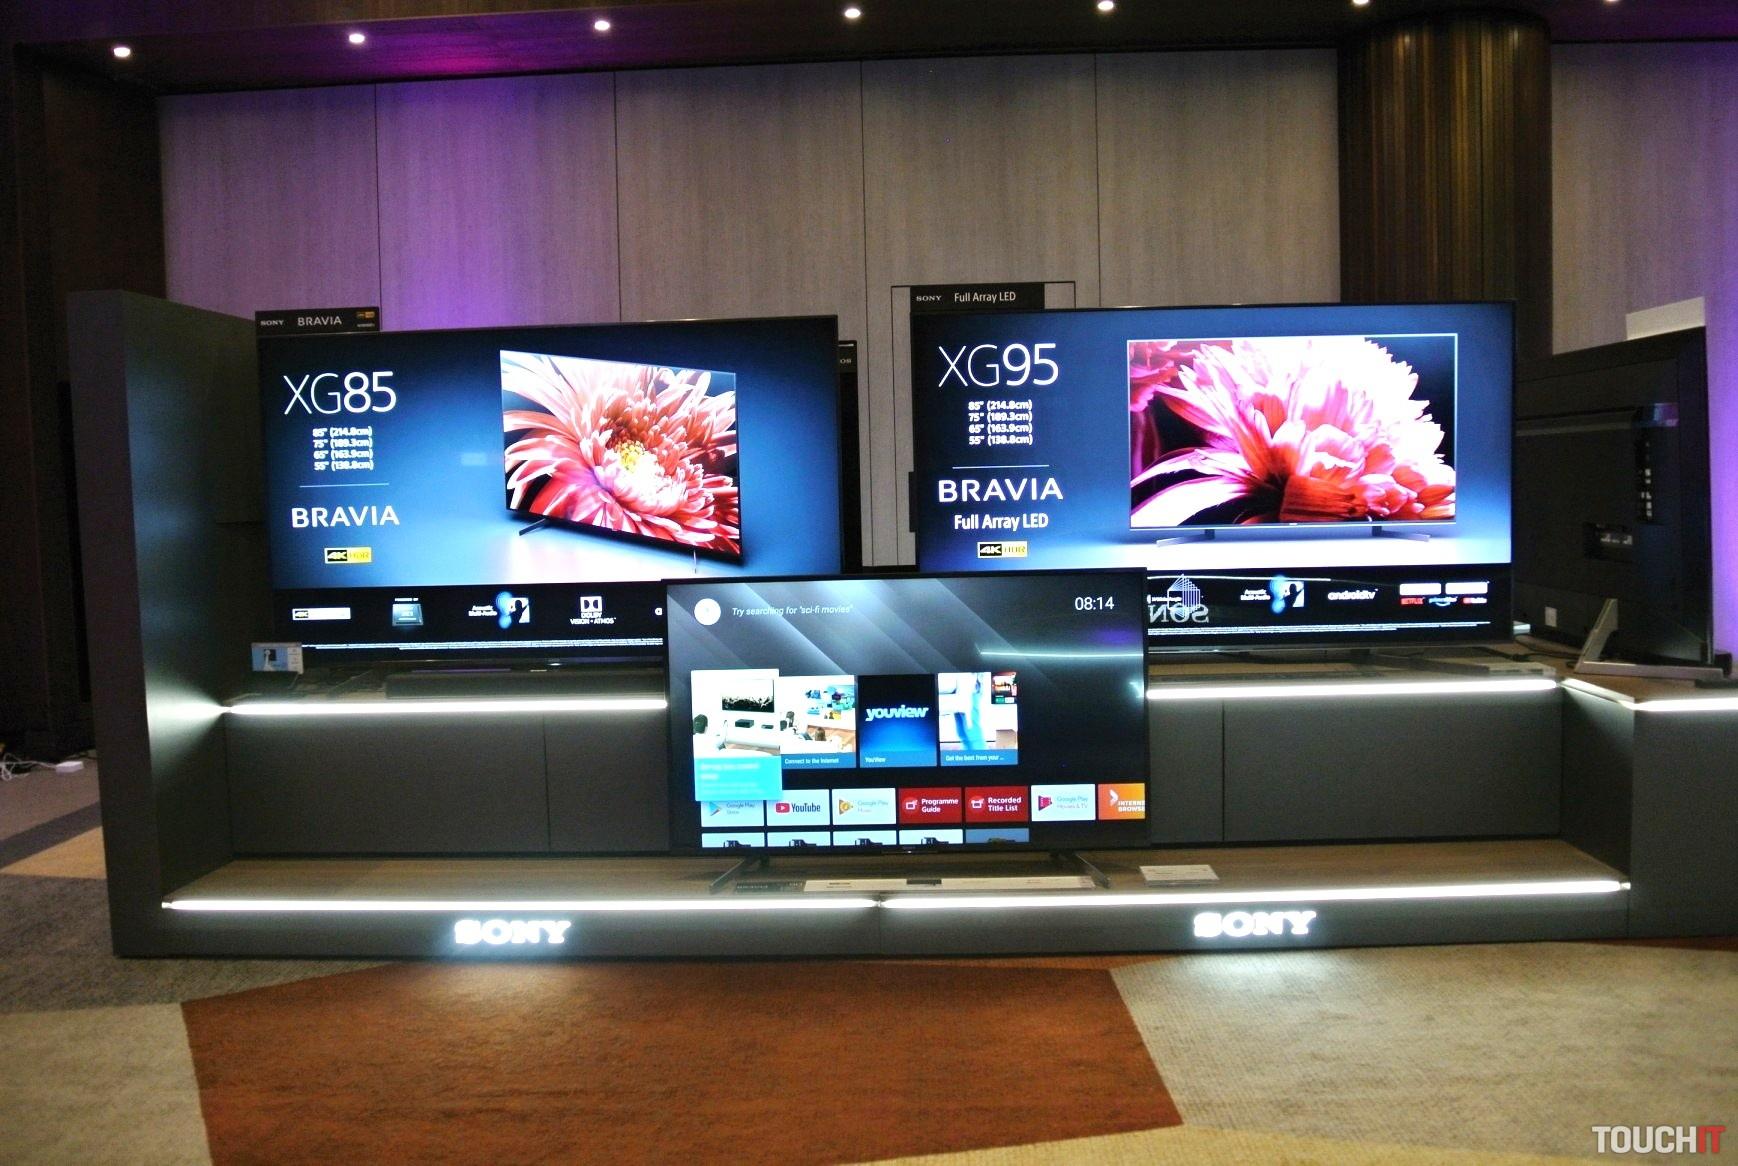 6cc7f7cd7 Za jedny z najvýznamnejšie produkty považuje firmy svoje slúchadlá Sony  WH-1000X M3 (recenzia na našom webe), fotoaparát Sony Alpha 6400, produkty z  oblasti ...